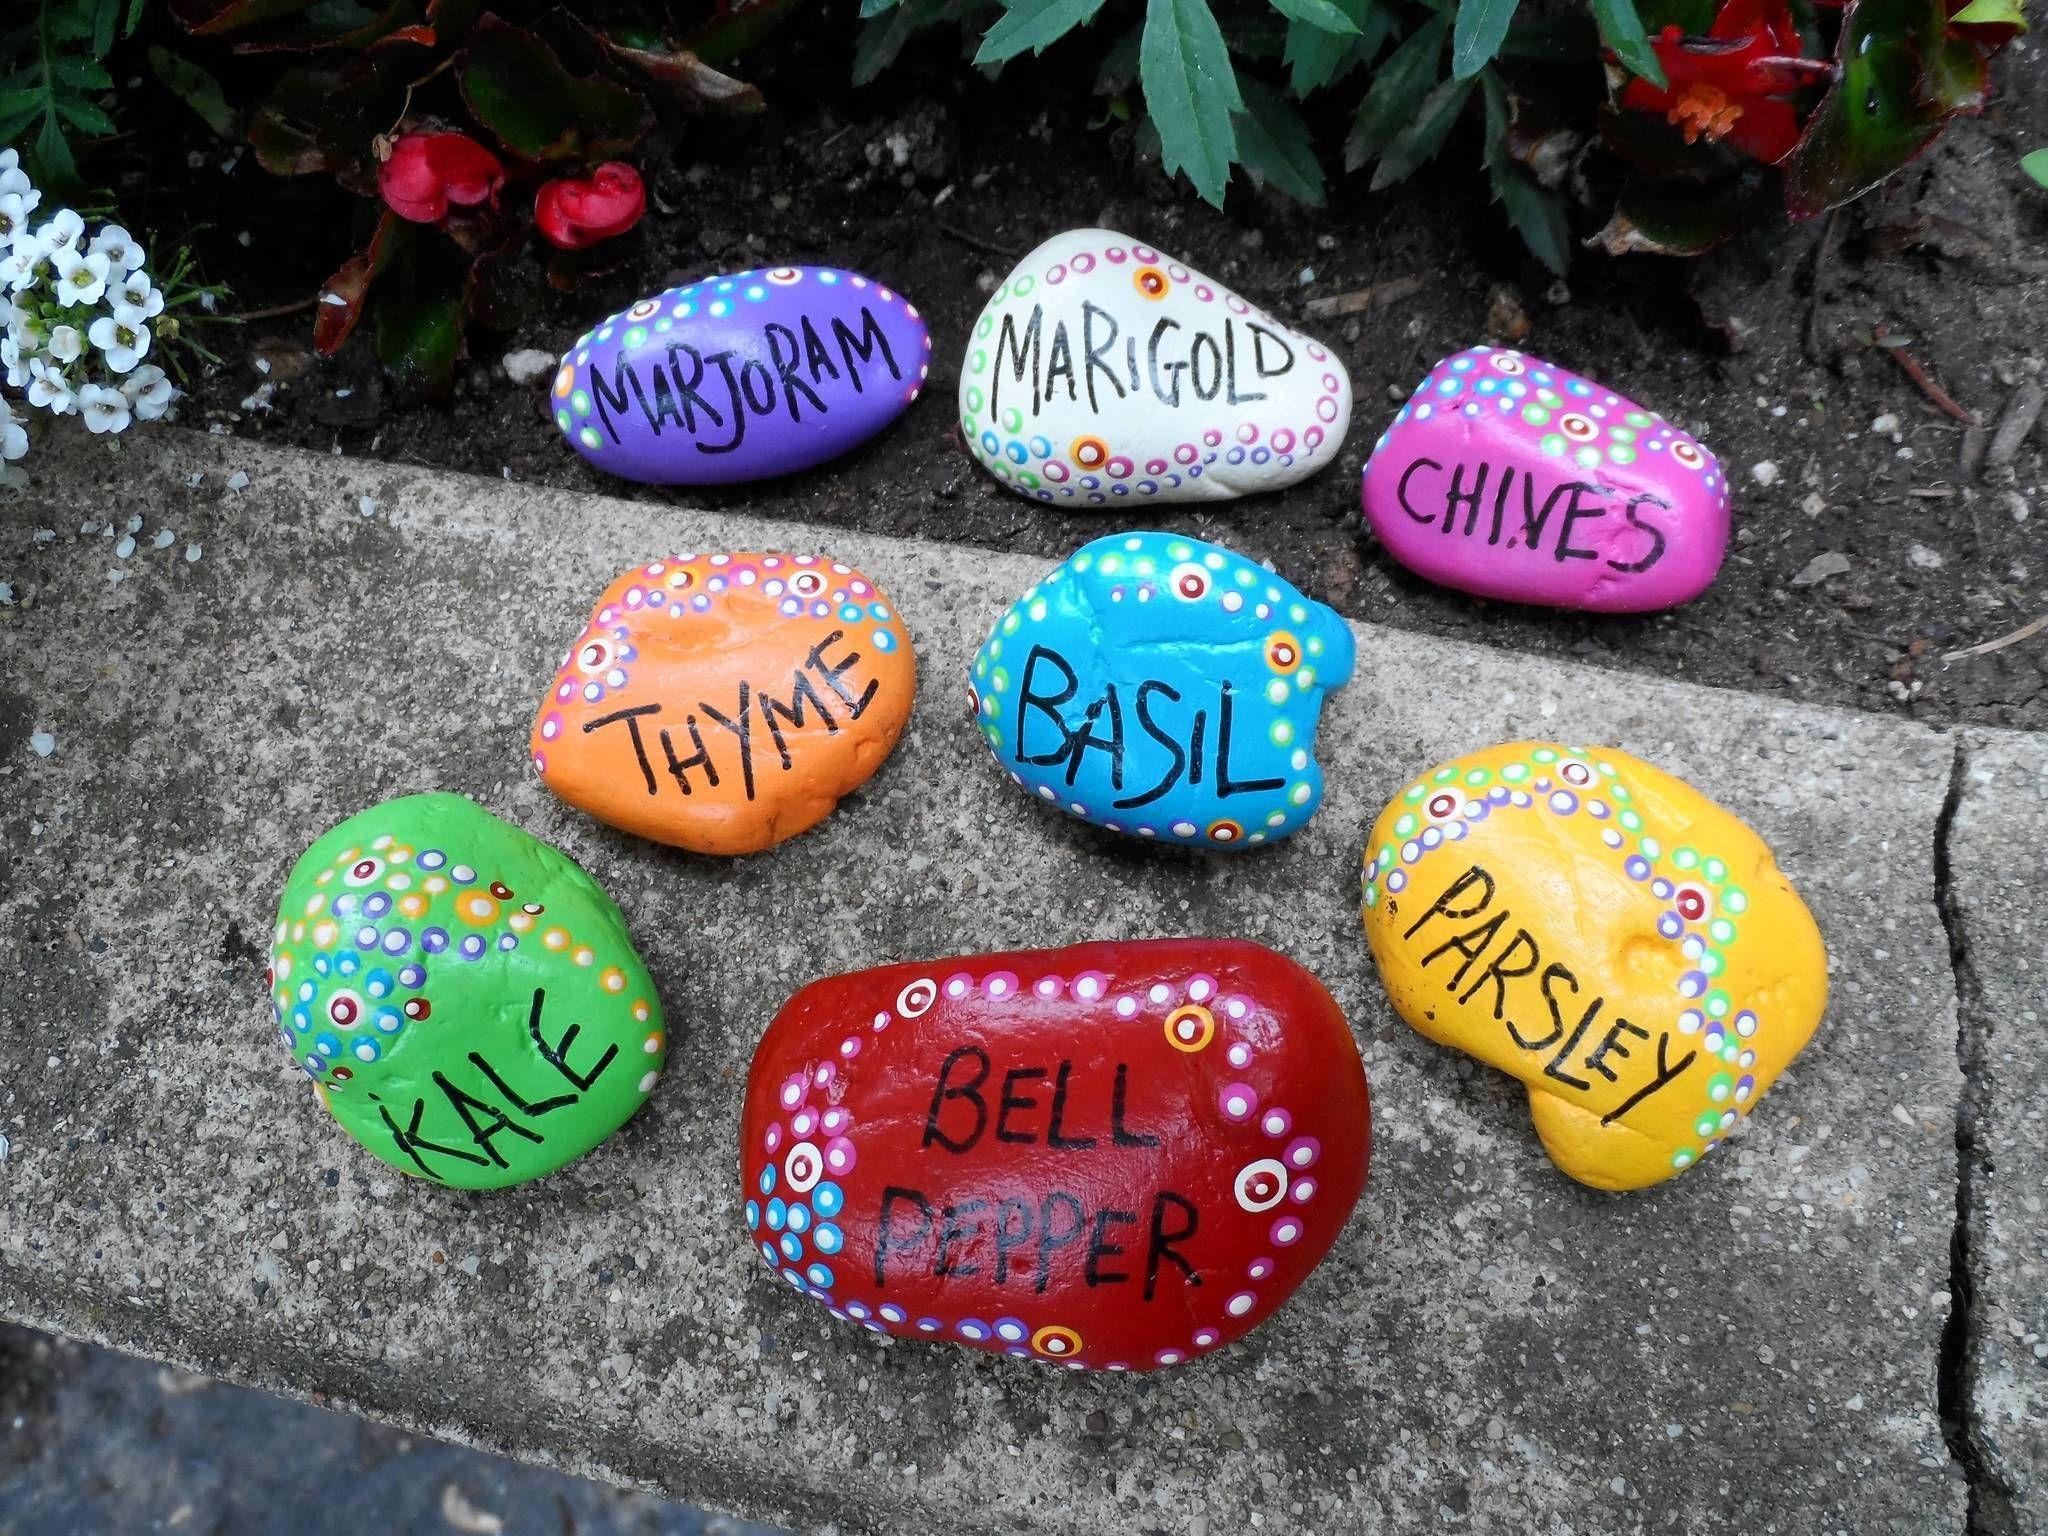 Homemade garden art ideas - Rock Garden Markers Crafts For Kids Jpg 2 048 1 536